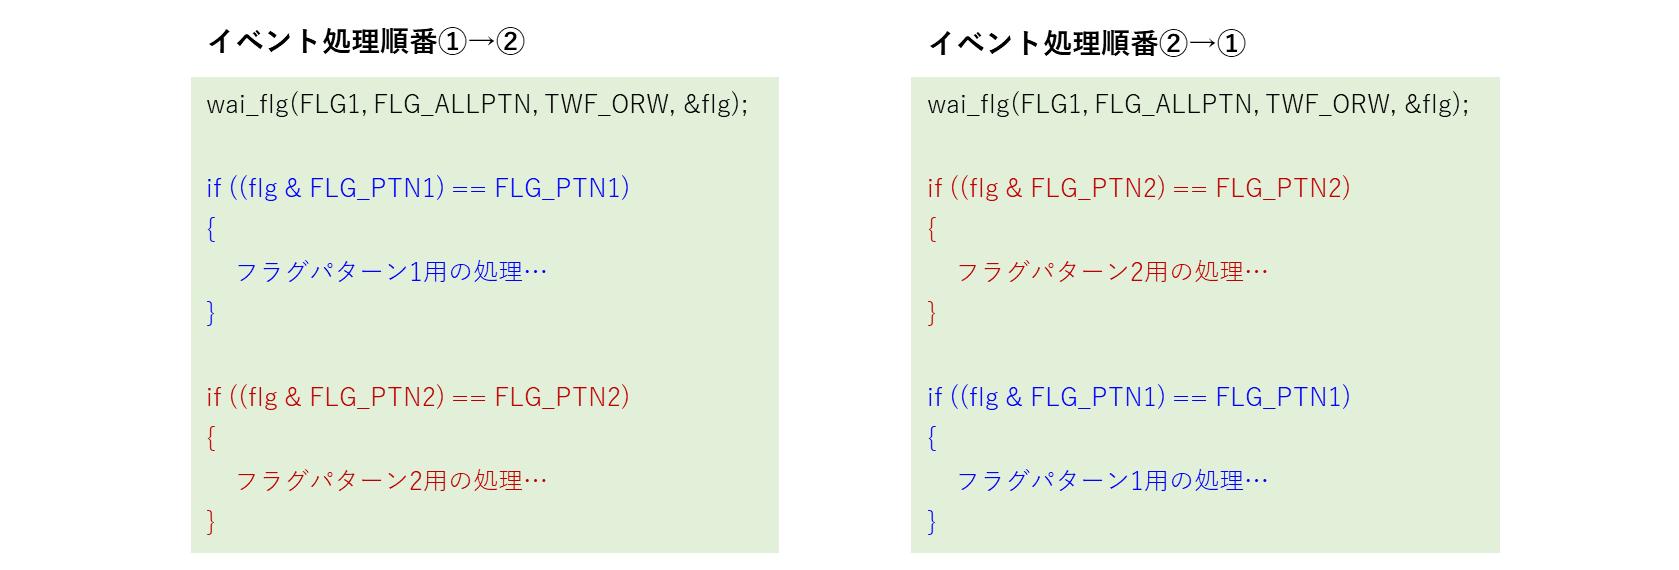 イベントフラグの処理順番